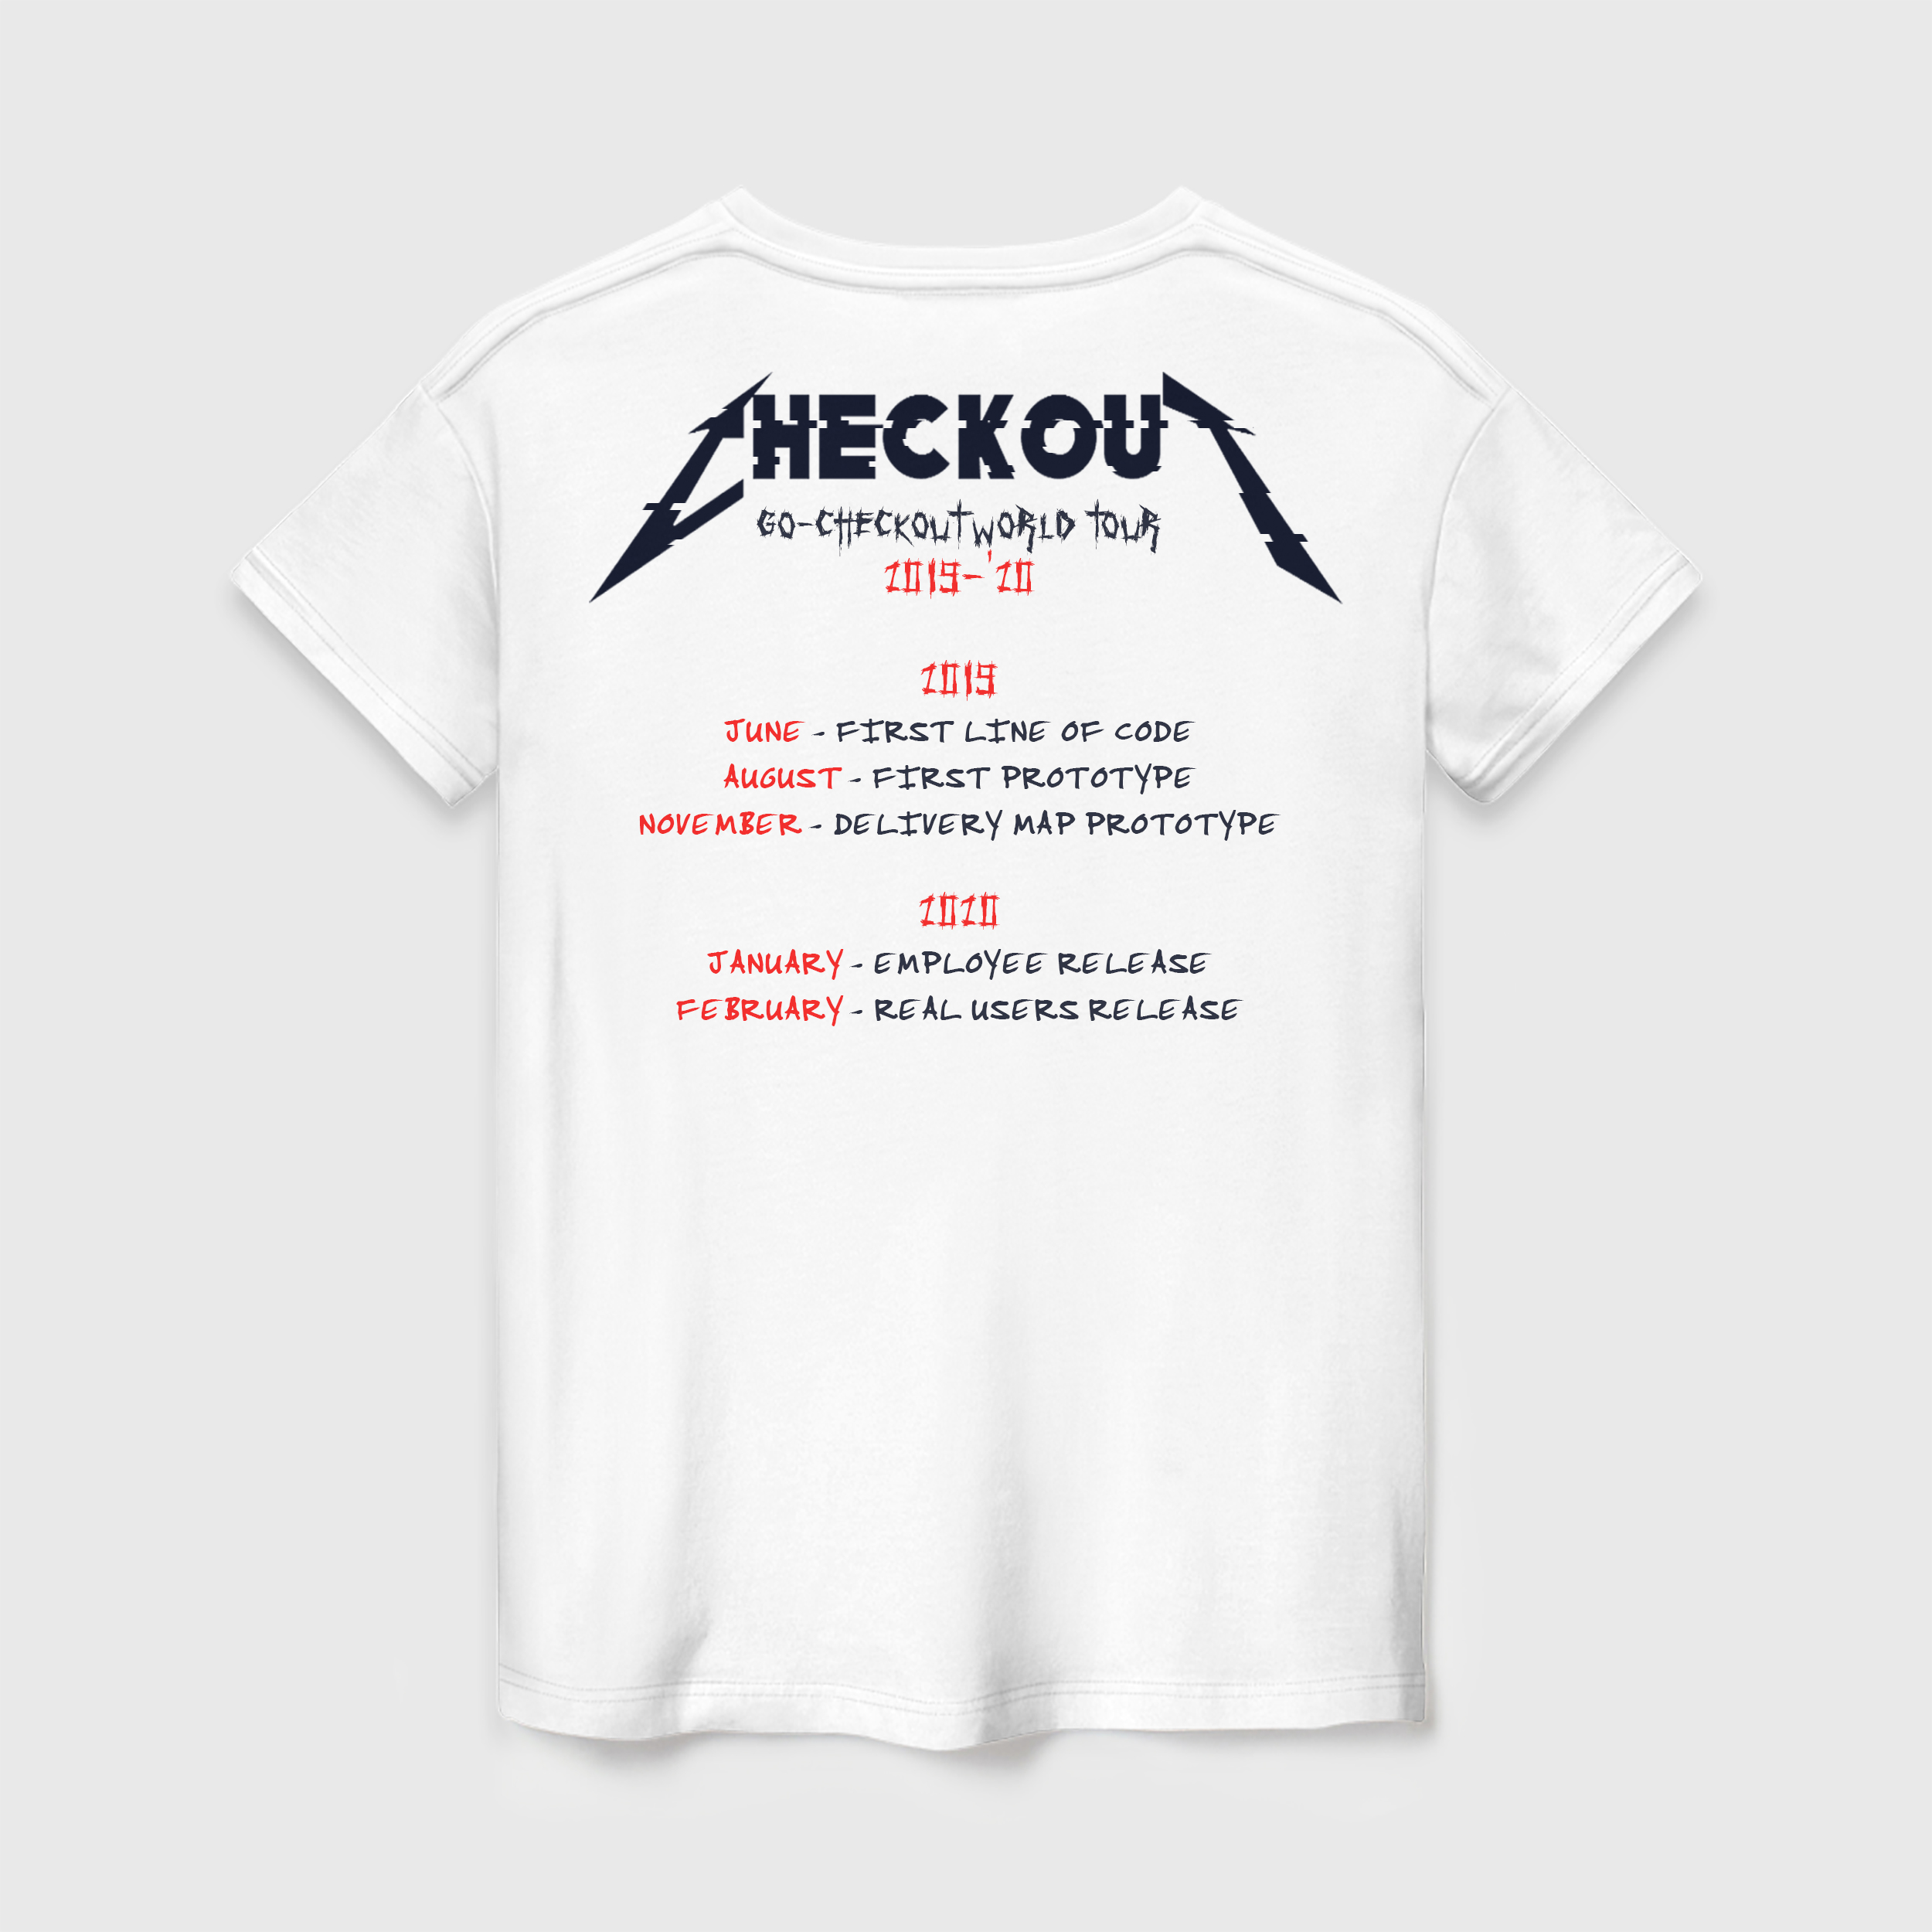 Дизайн футболки/худи для It-команды фото f_7165e44149ebcb79.jpg